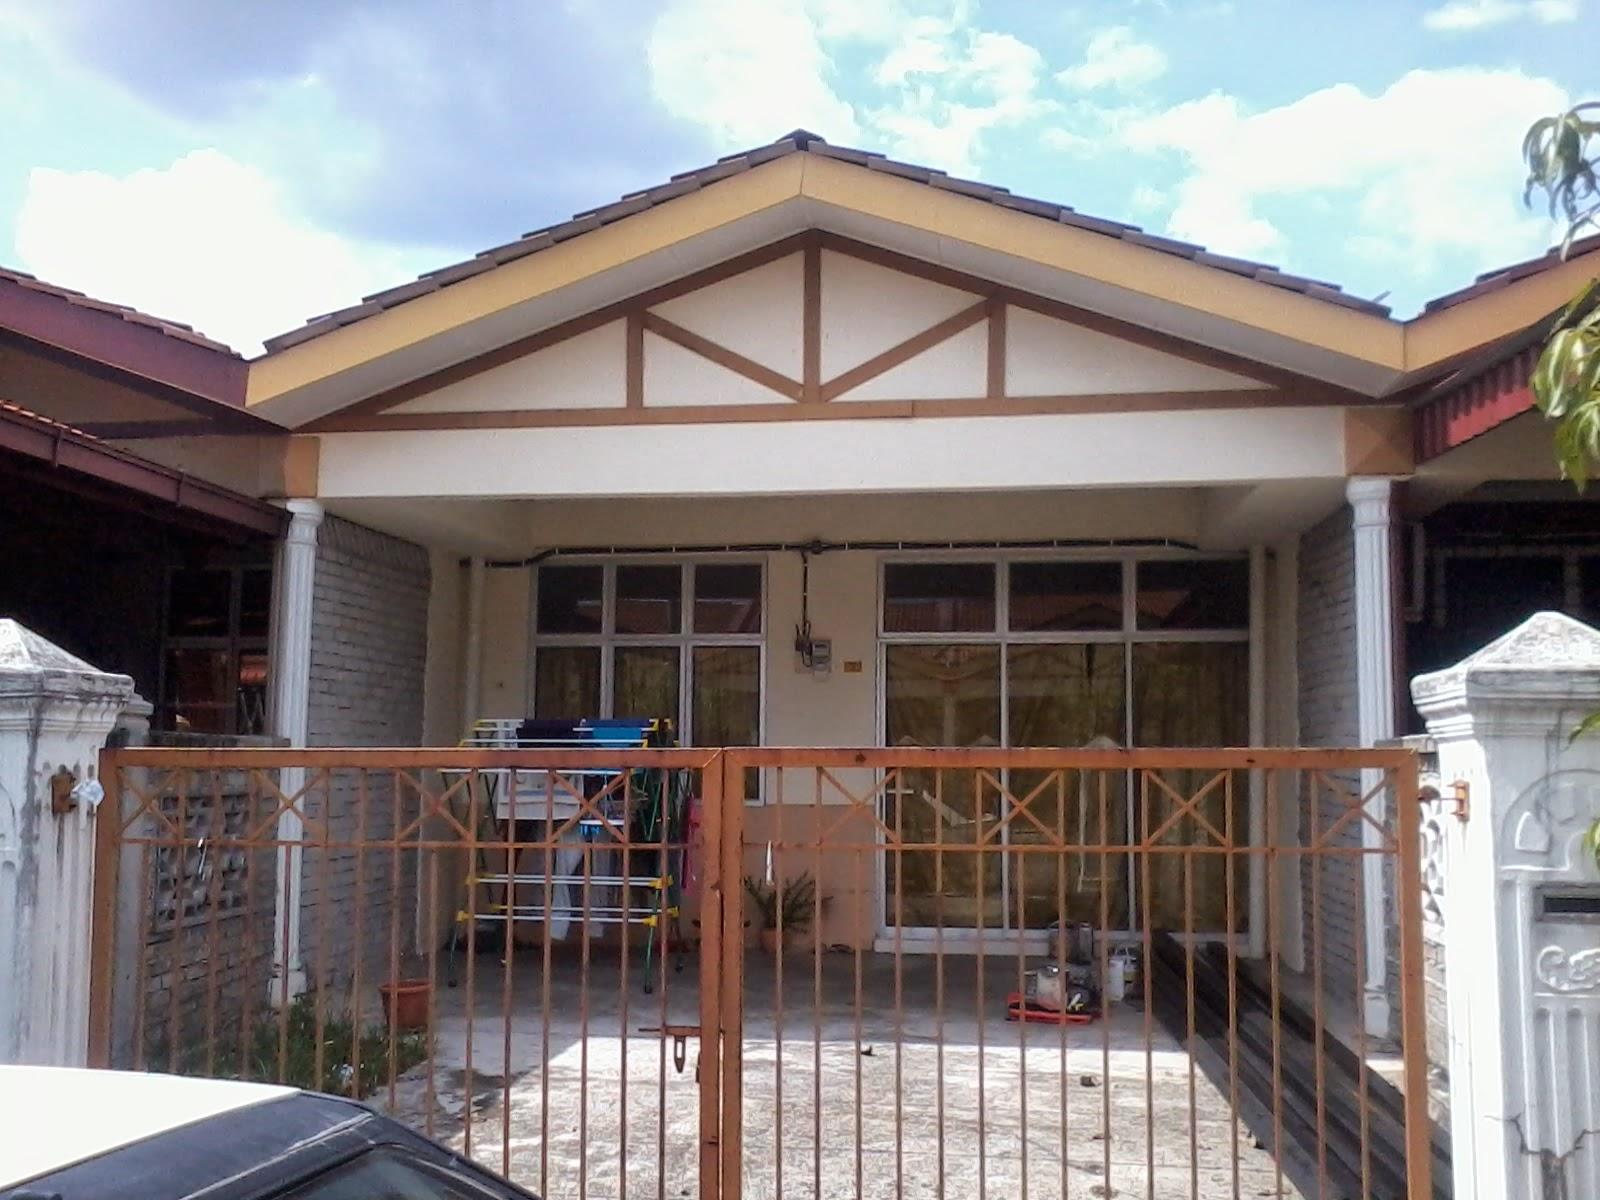 memasang awning rumah newhairstylesformen2014